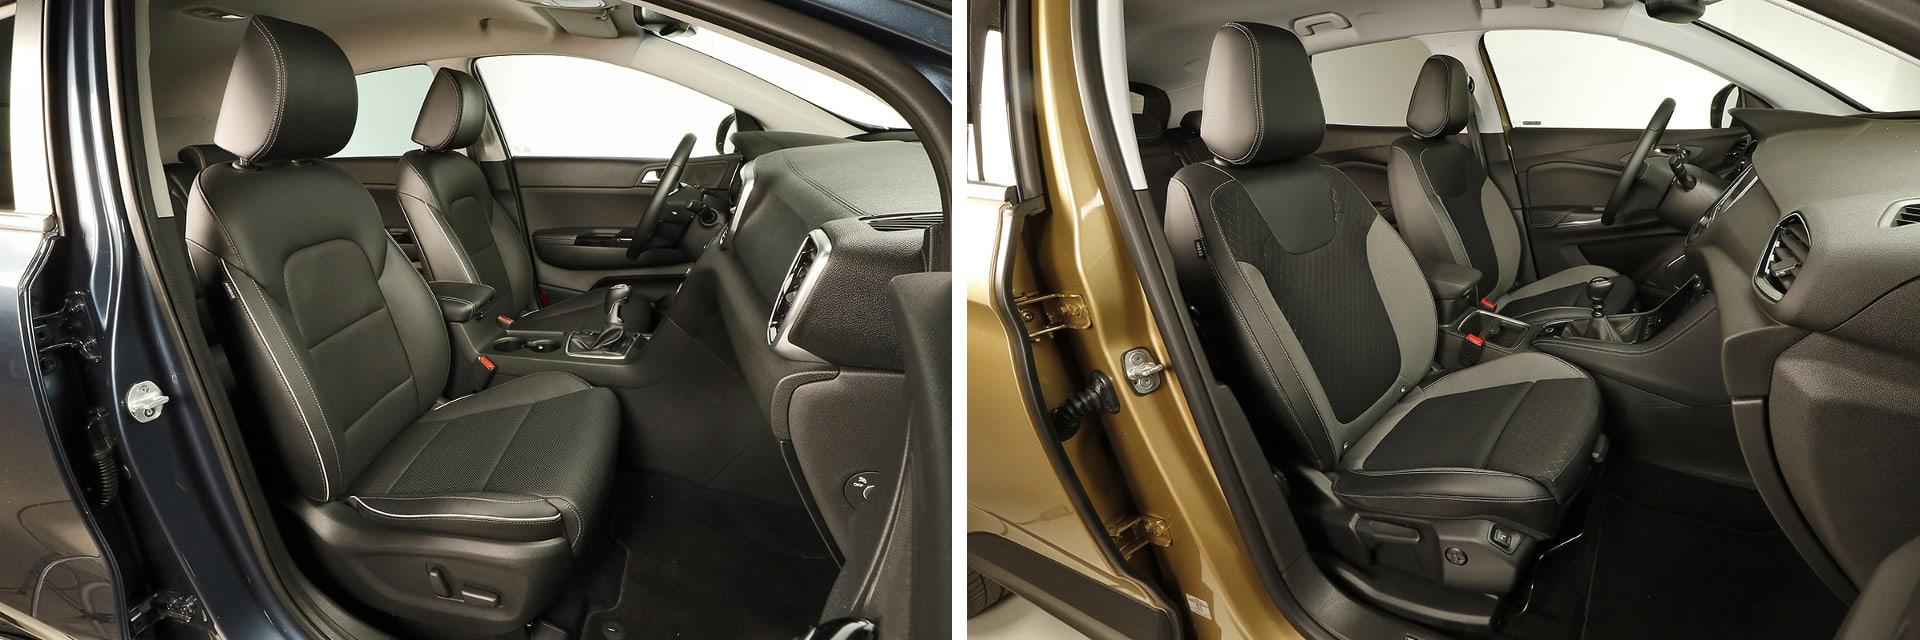 Es aconsejable probar el puesto de conducción del Opel (dcha.) ya que los pedales quedan demasiado próximos a los asientos.